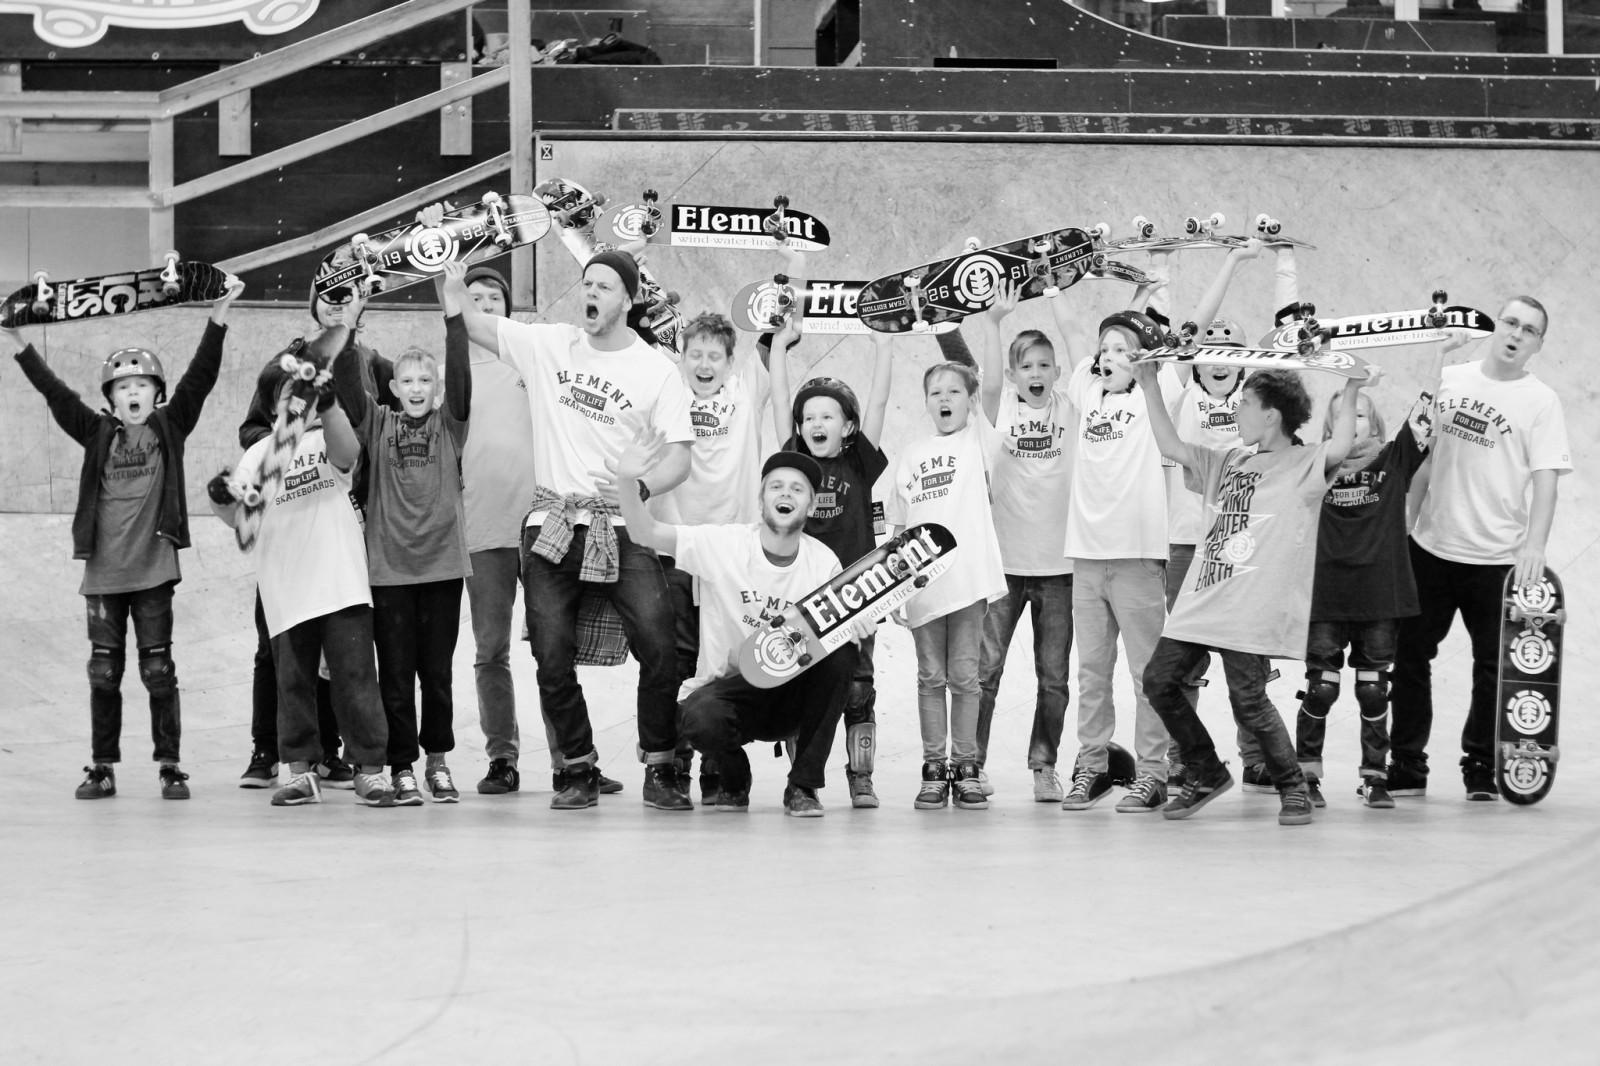 Rīgas Skeitborda Skola aicina jauniešus uz bezmaksas skeitborda nodarbību